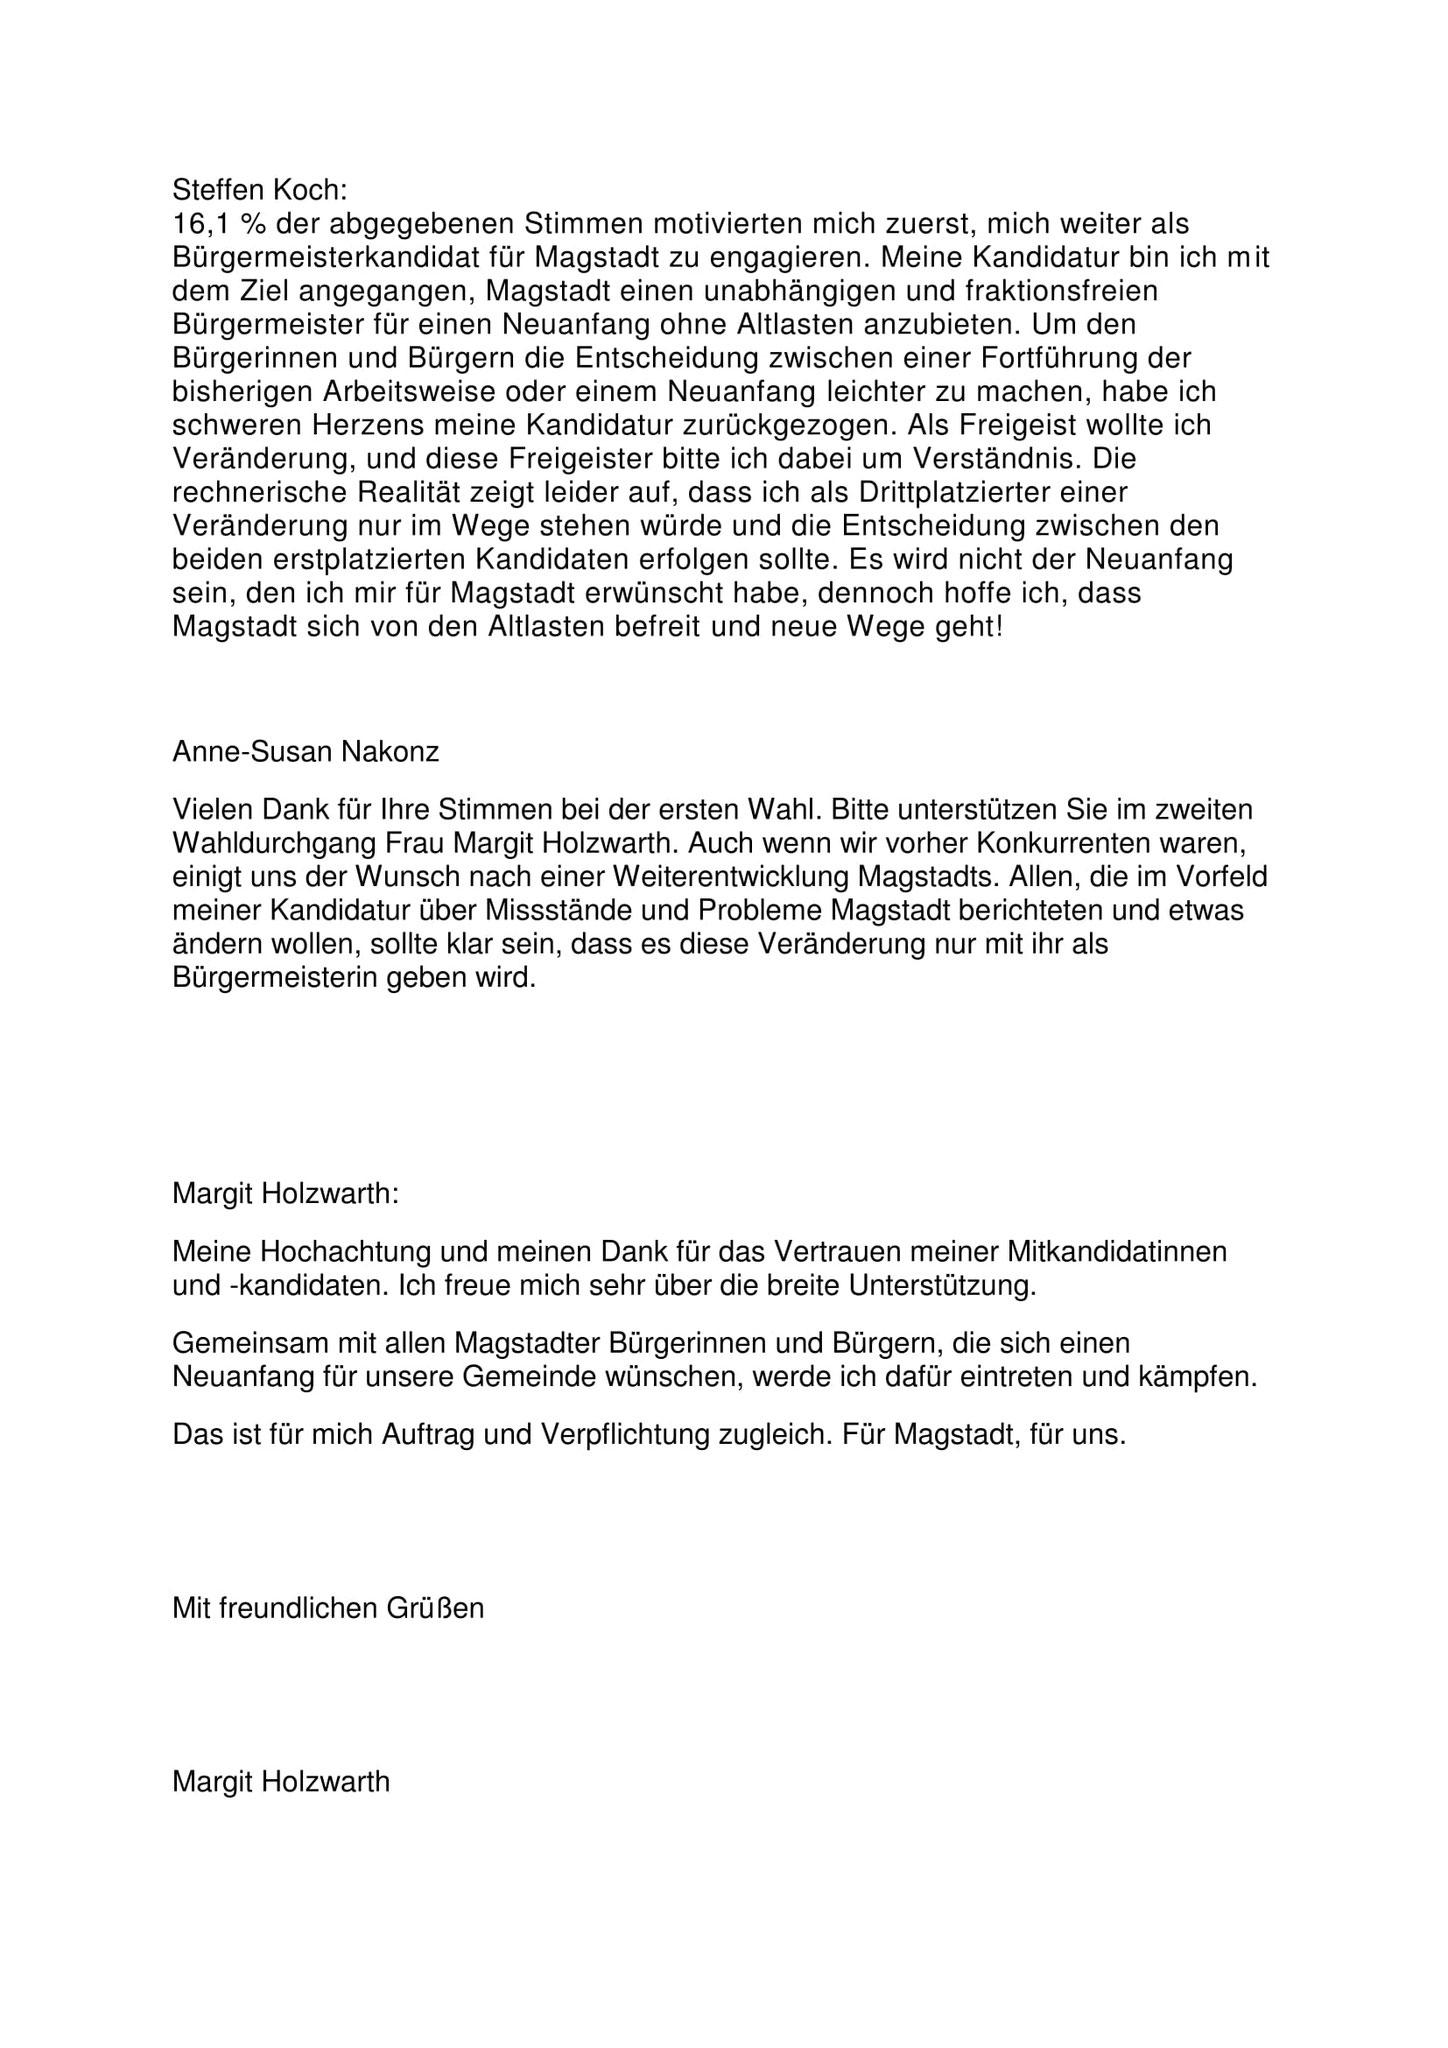 Berühmt Lebenslauf Im Vertrauen Geben Galerie - Entry Level Resume ...